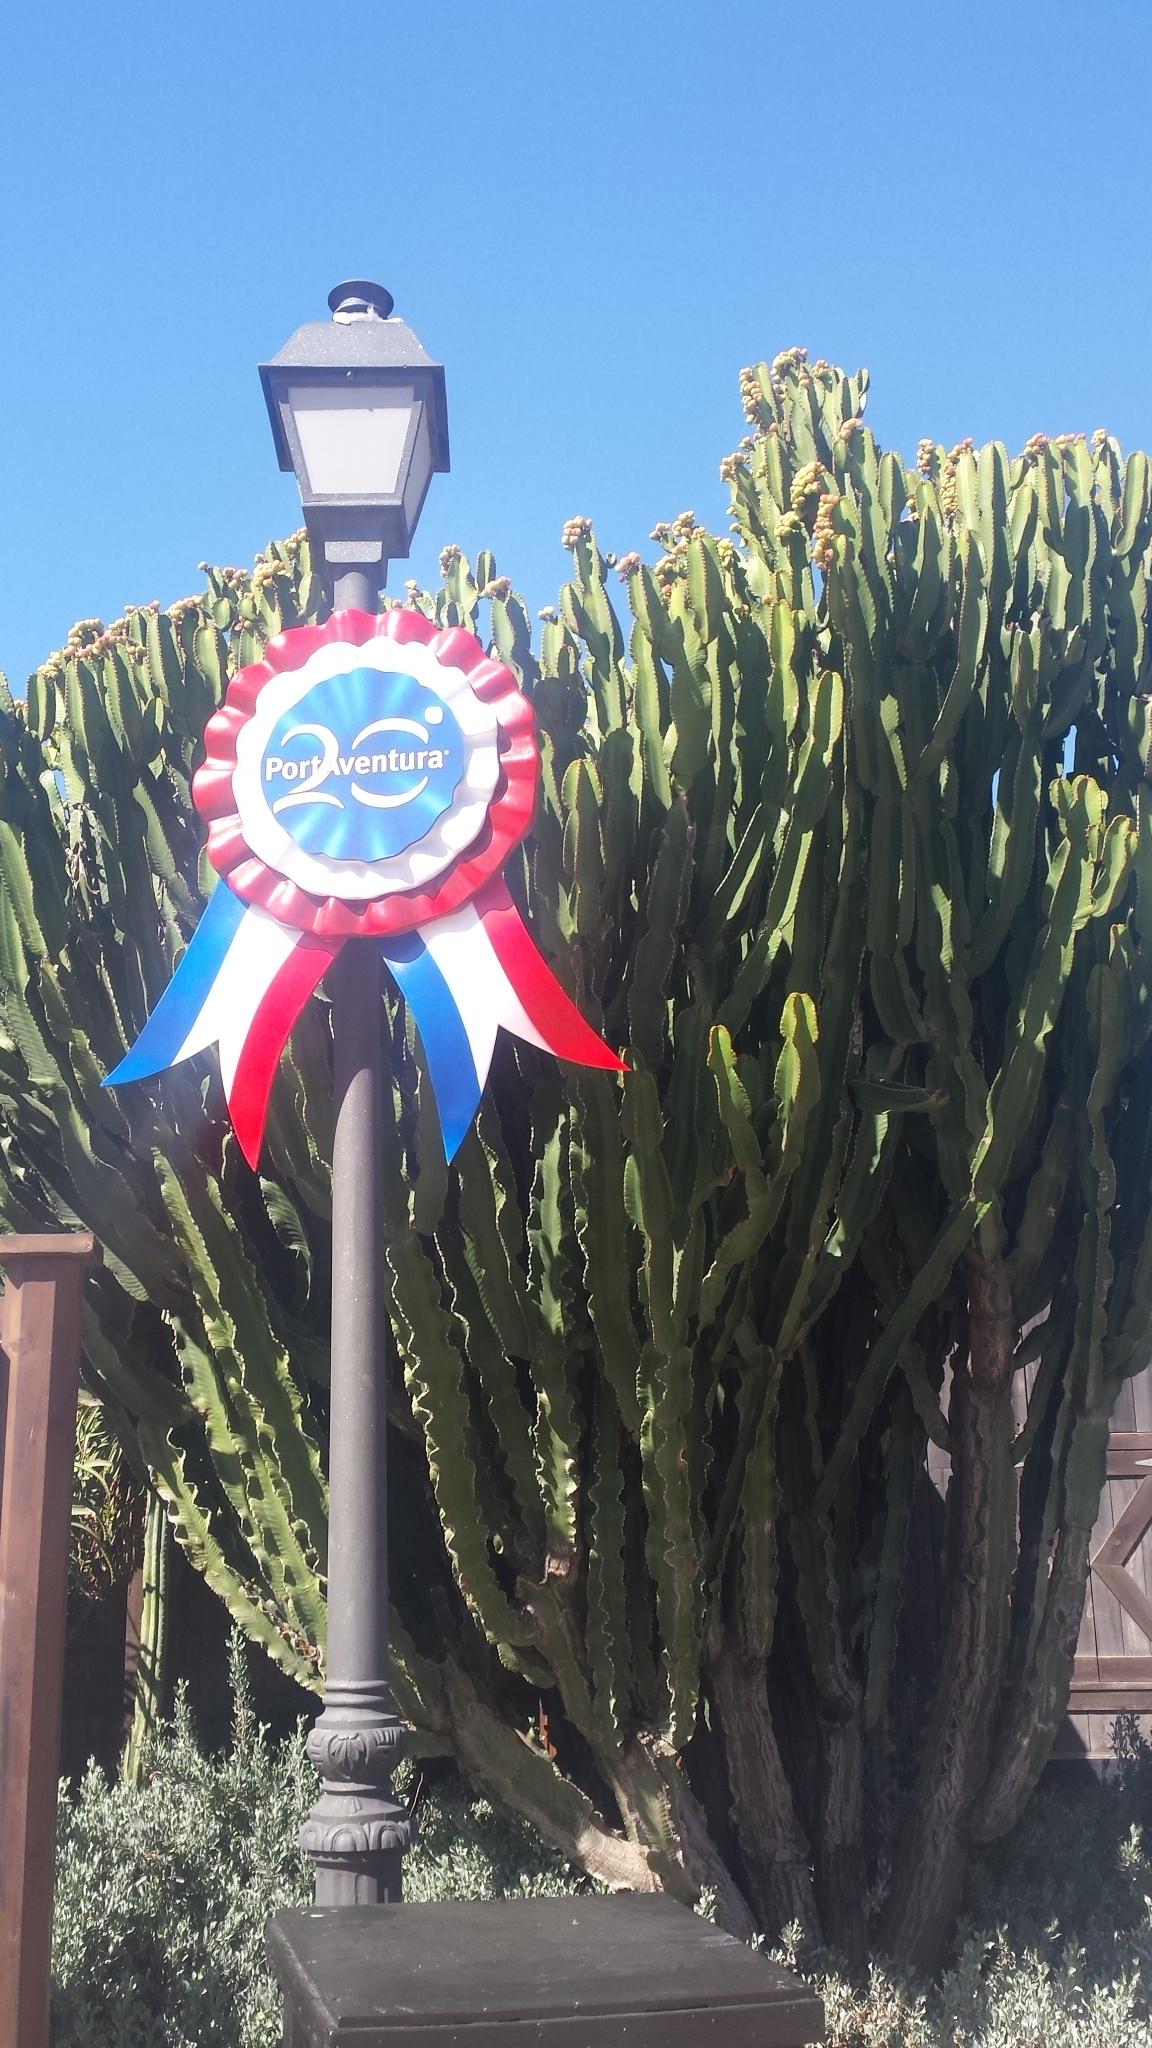 20th Anniversary PortAventura